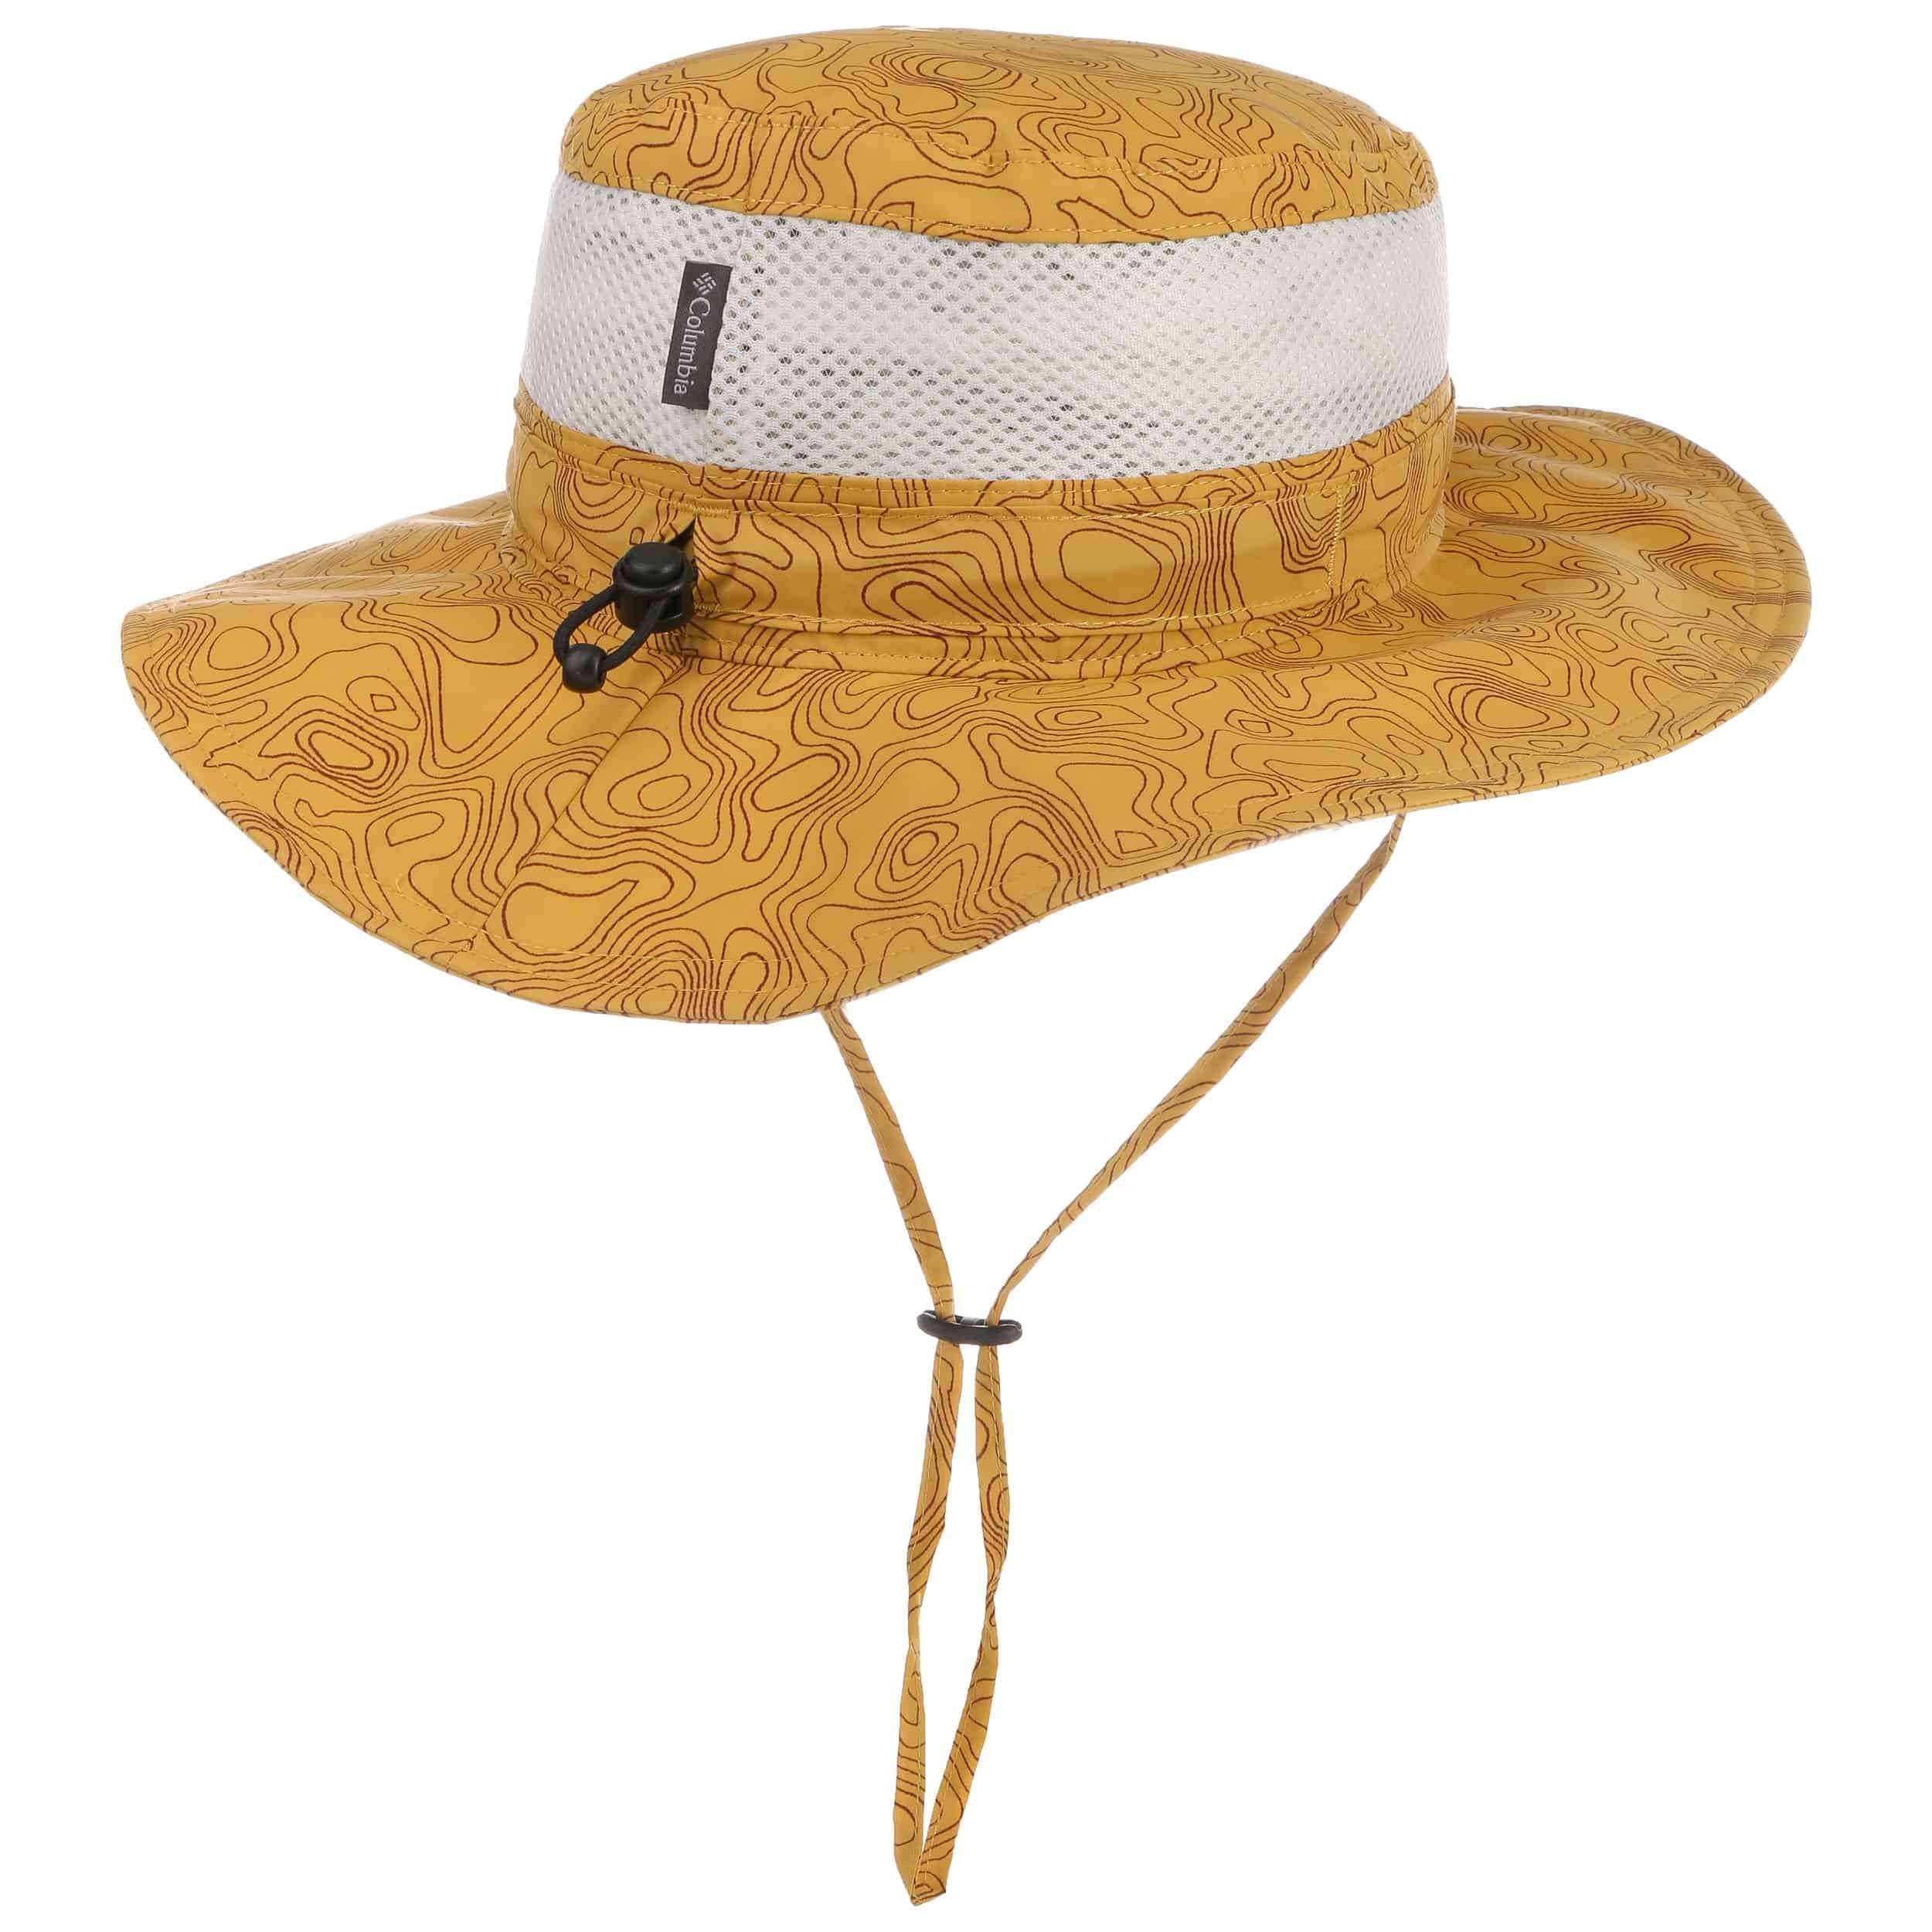 magasin discount acheter bien nouveaux produits chauds Bora Bora Booney Print Fishing Hat by Columbia